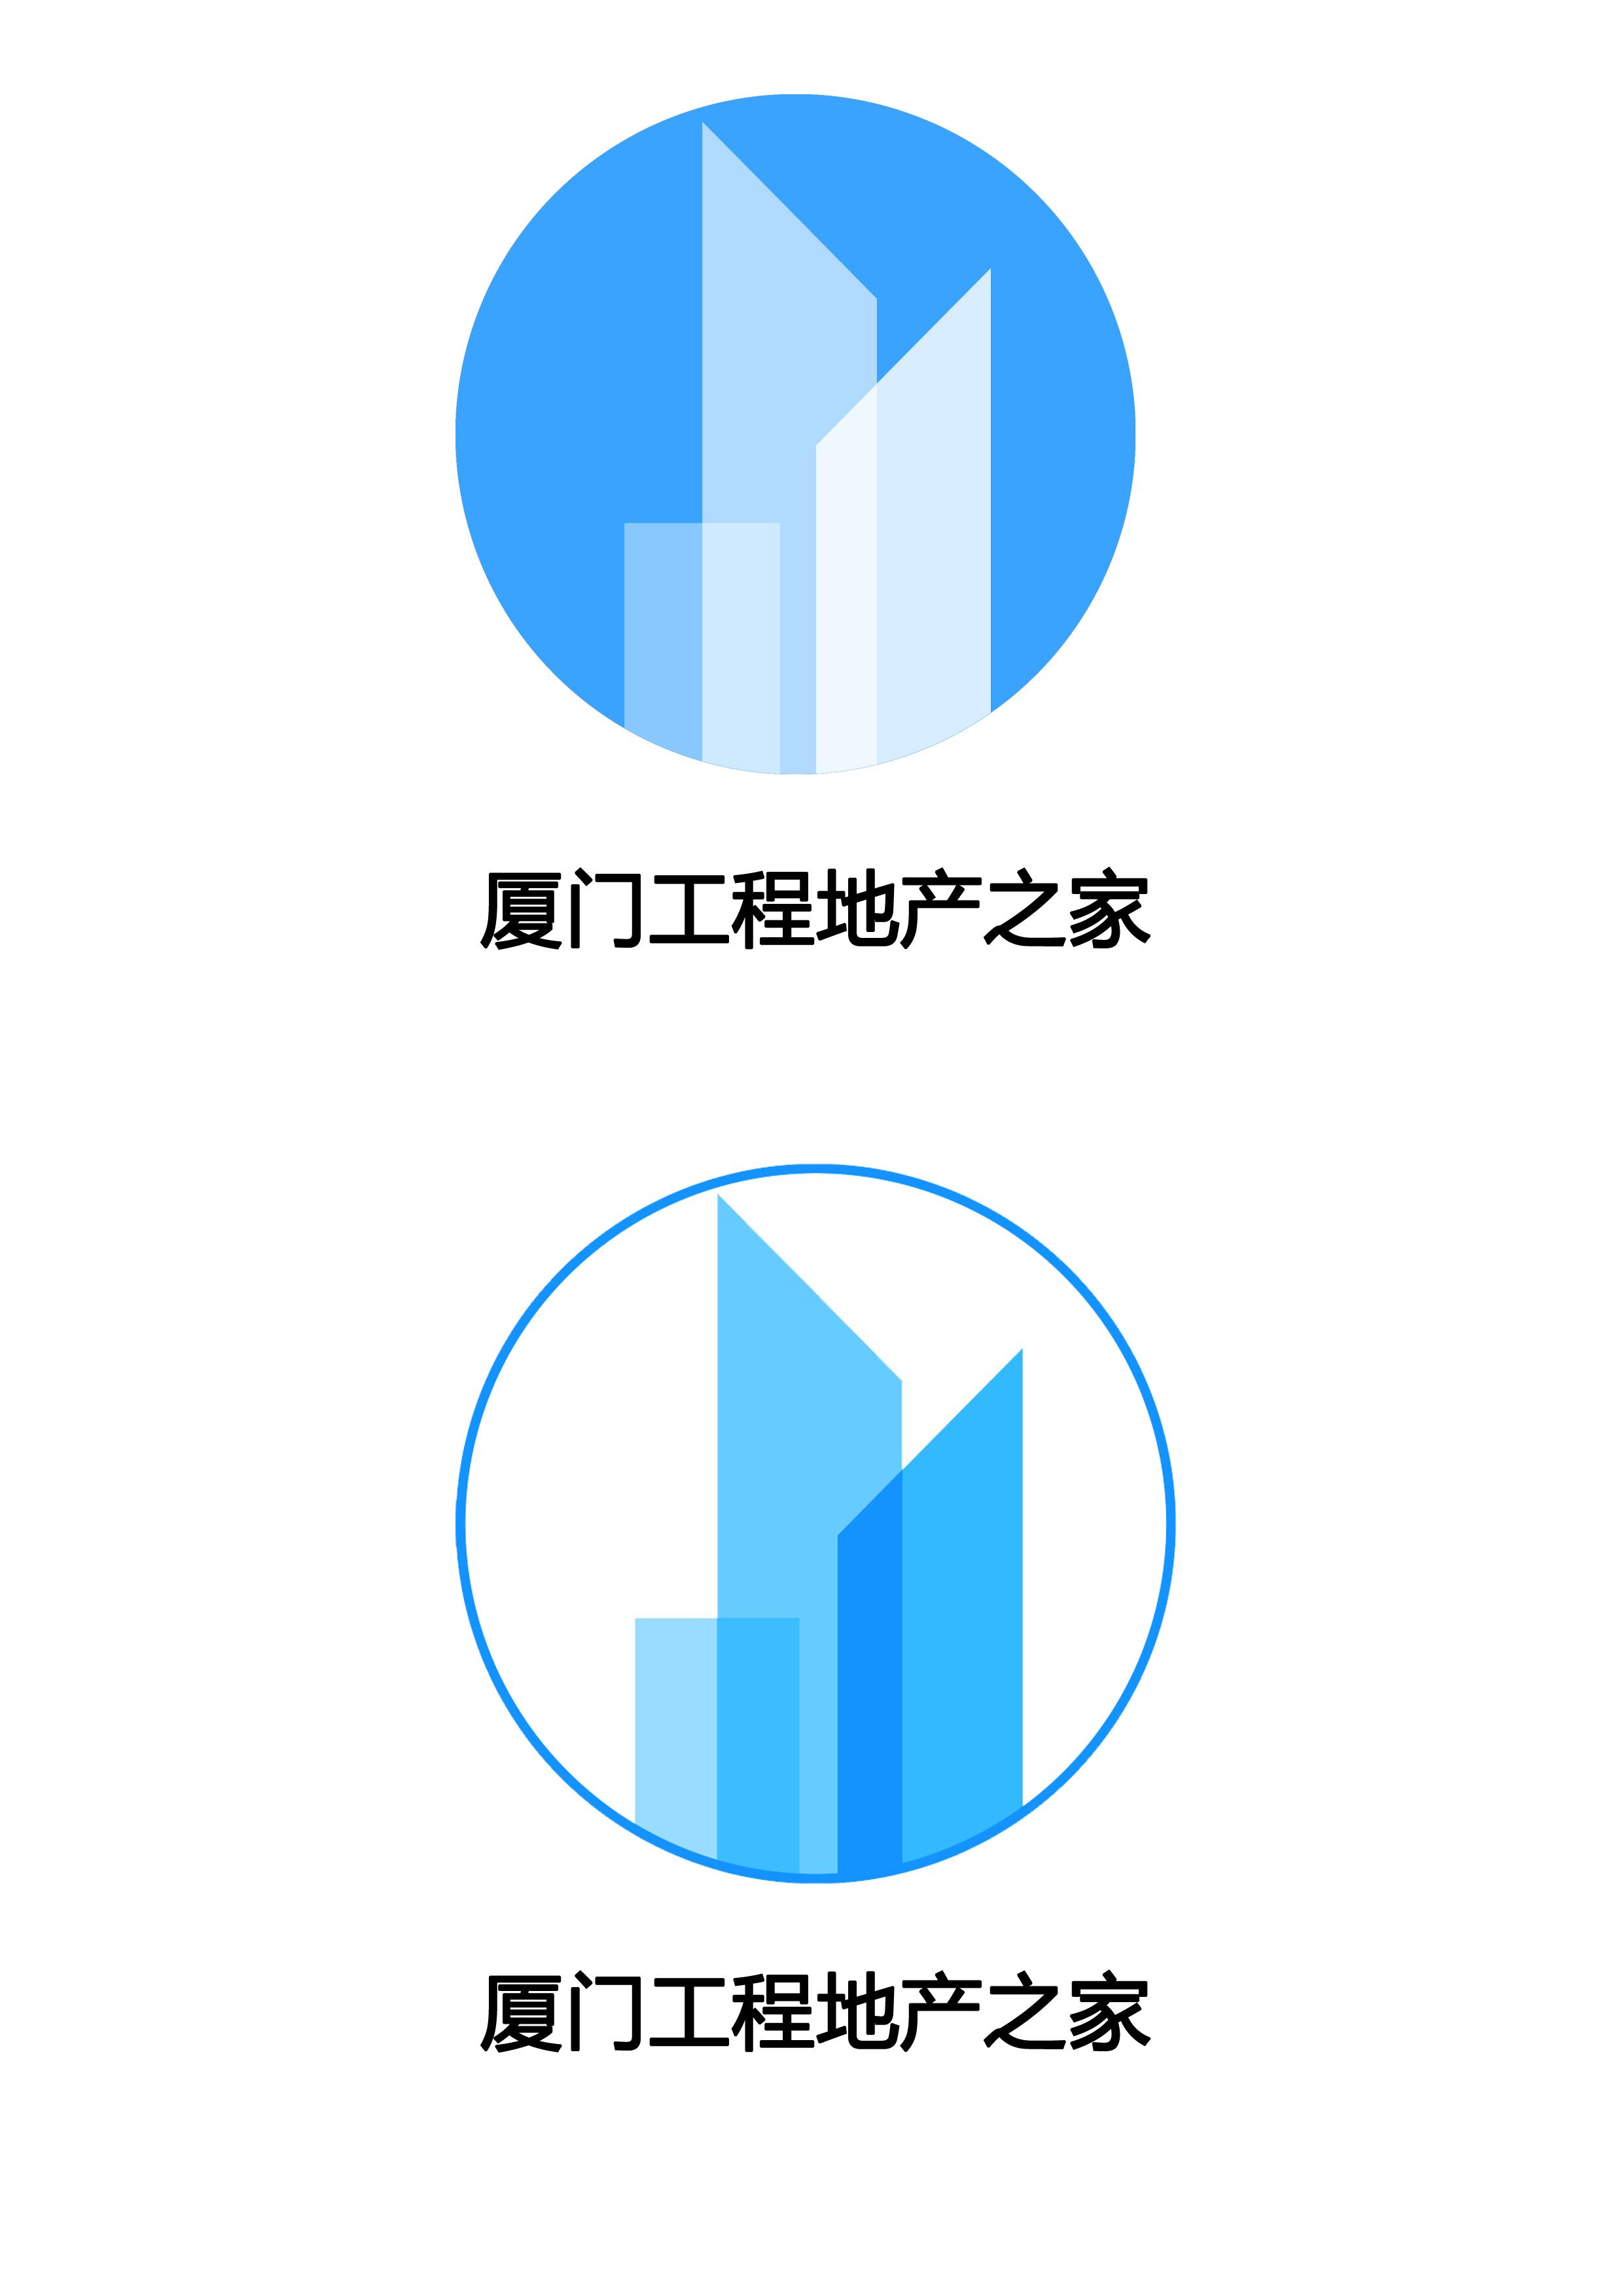 厦门地产工程之家logo设计